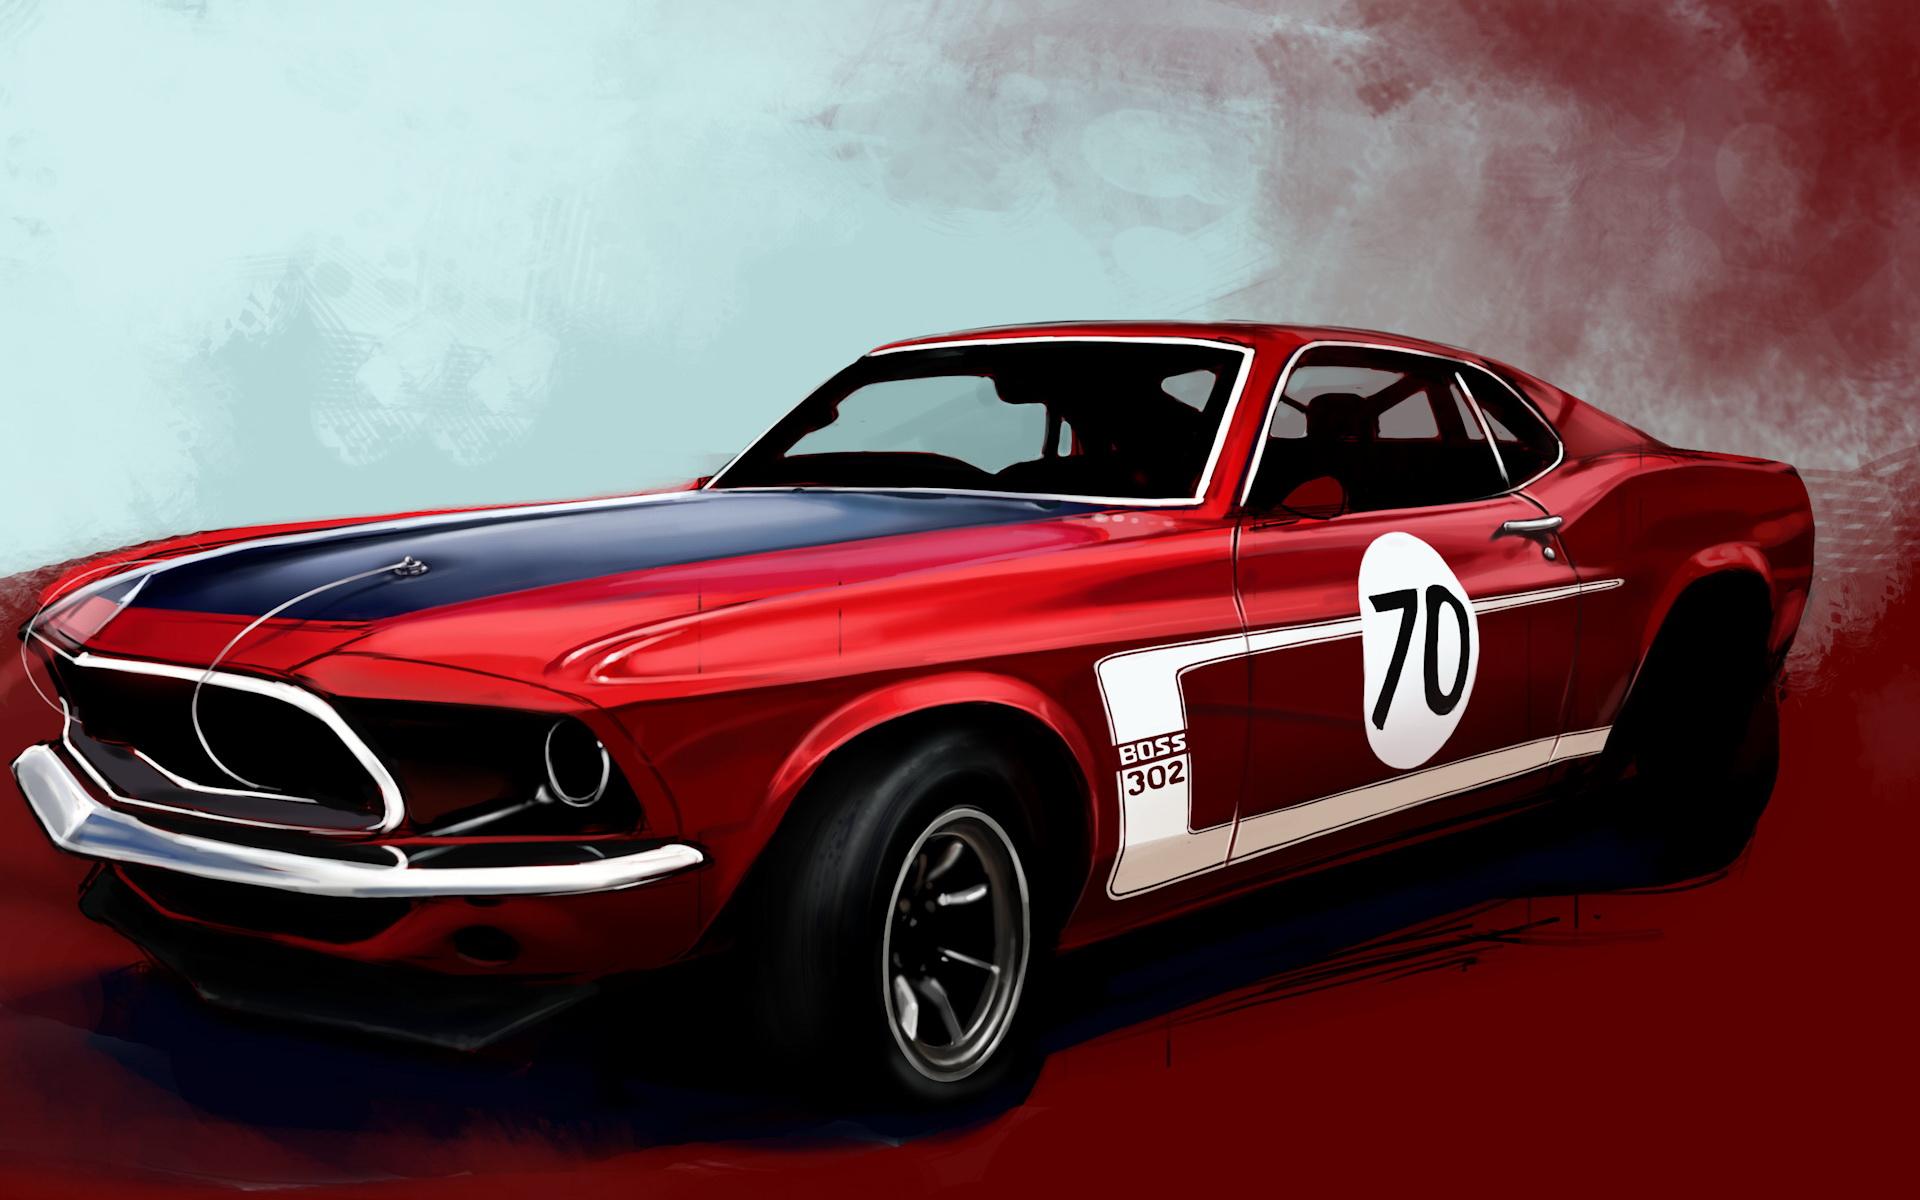 Sports Car wallpaper 15968 1920x1200